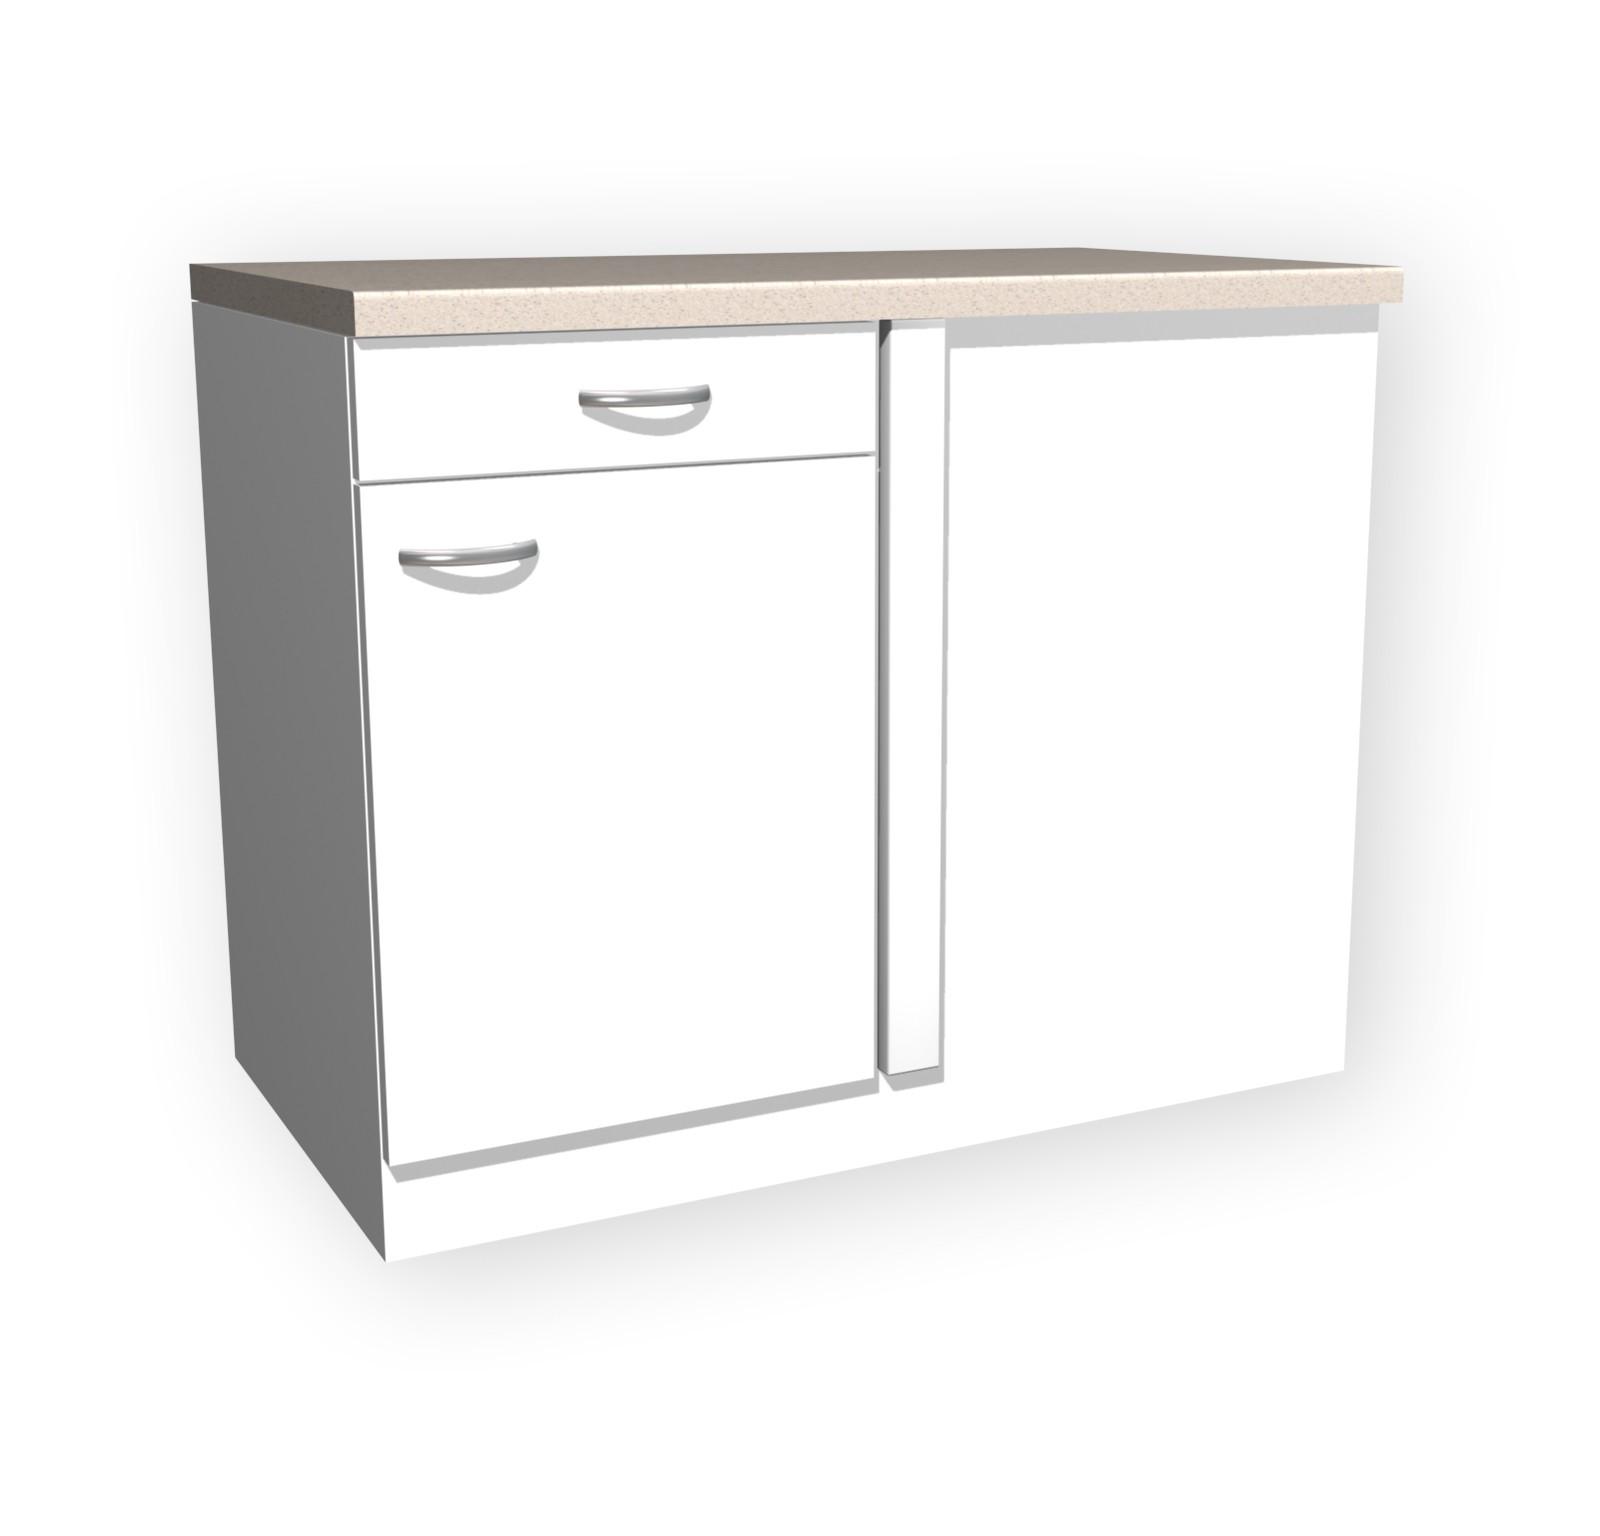 Küchen-Eckunterschrank UNNA - 1-türig - 110 cm breit - Weiß Küche | {Eck unterschrank küche 45}